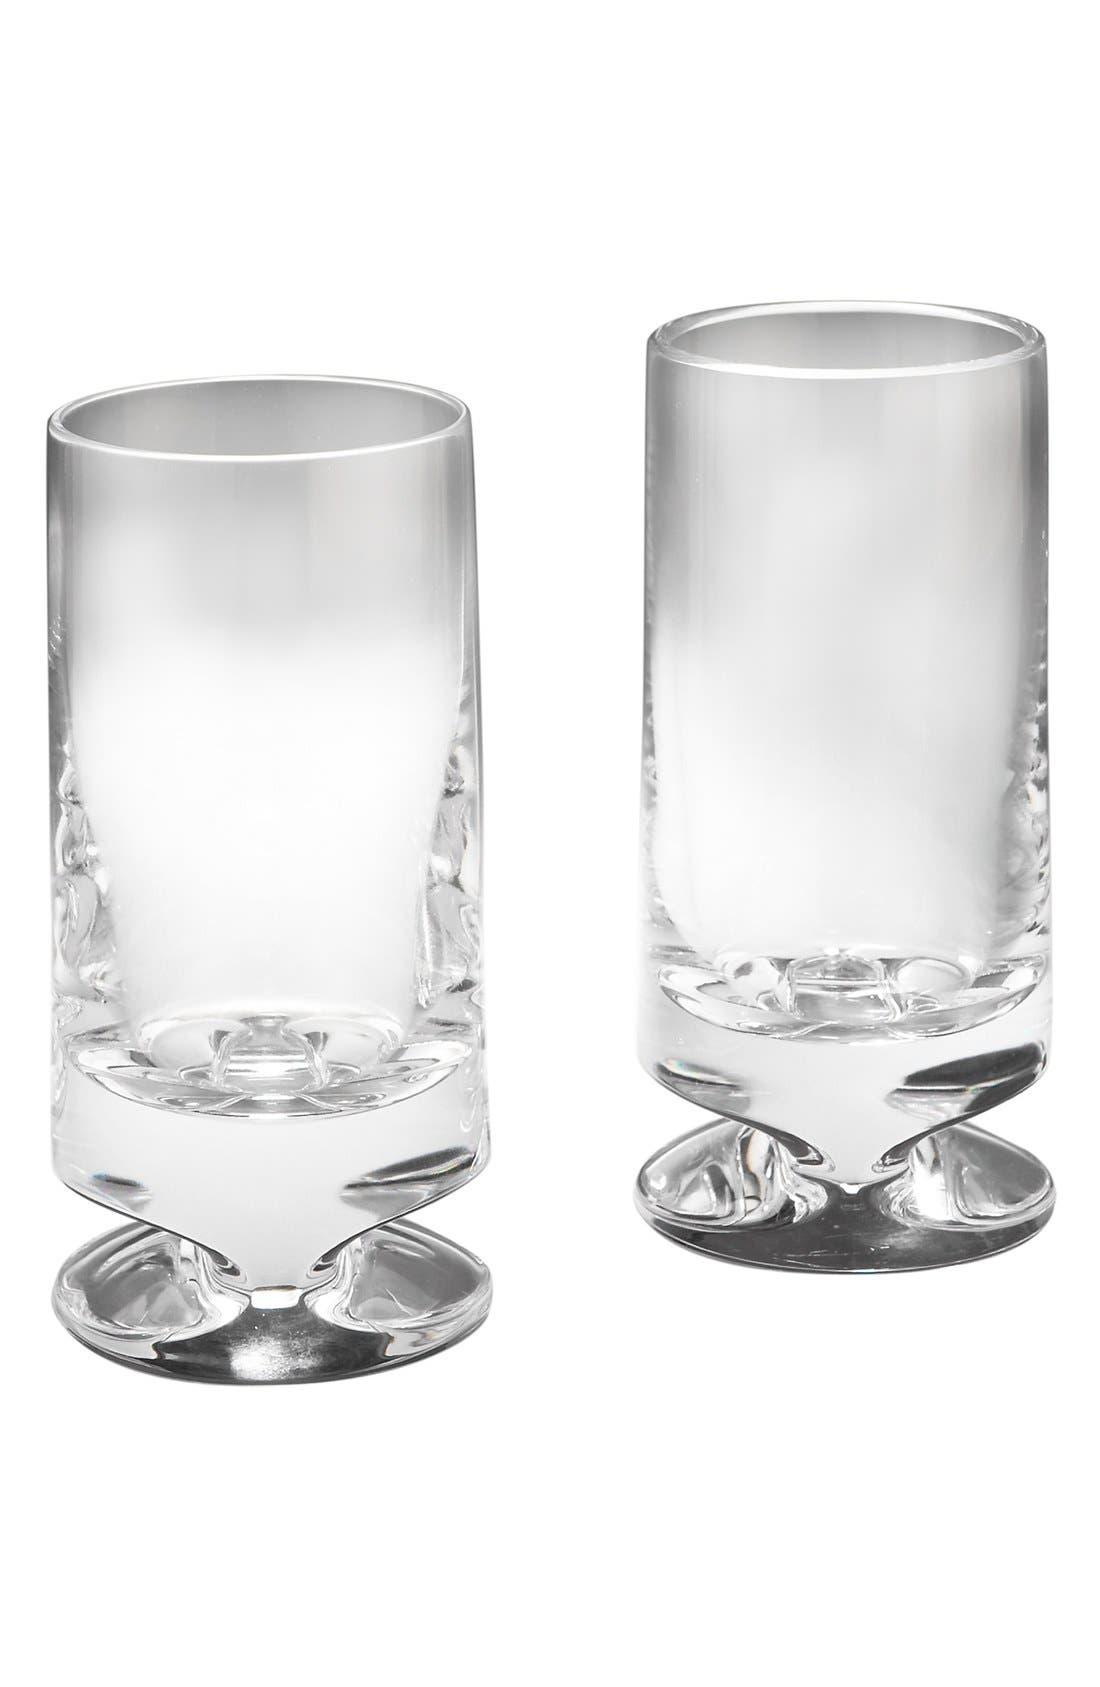 Alternate Image 1 Selected - Nambé 'Groove' Full-Lead Crystal Highball Glasses (Set of 2)